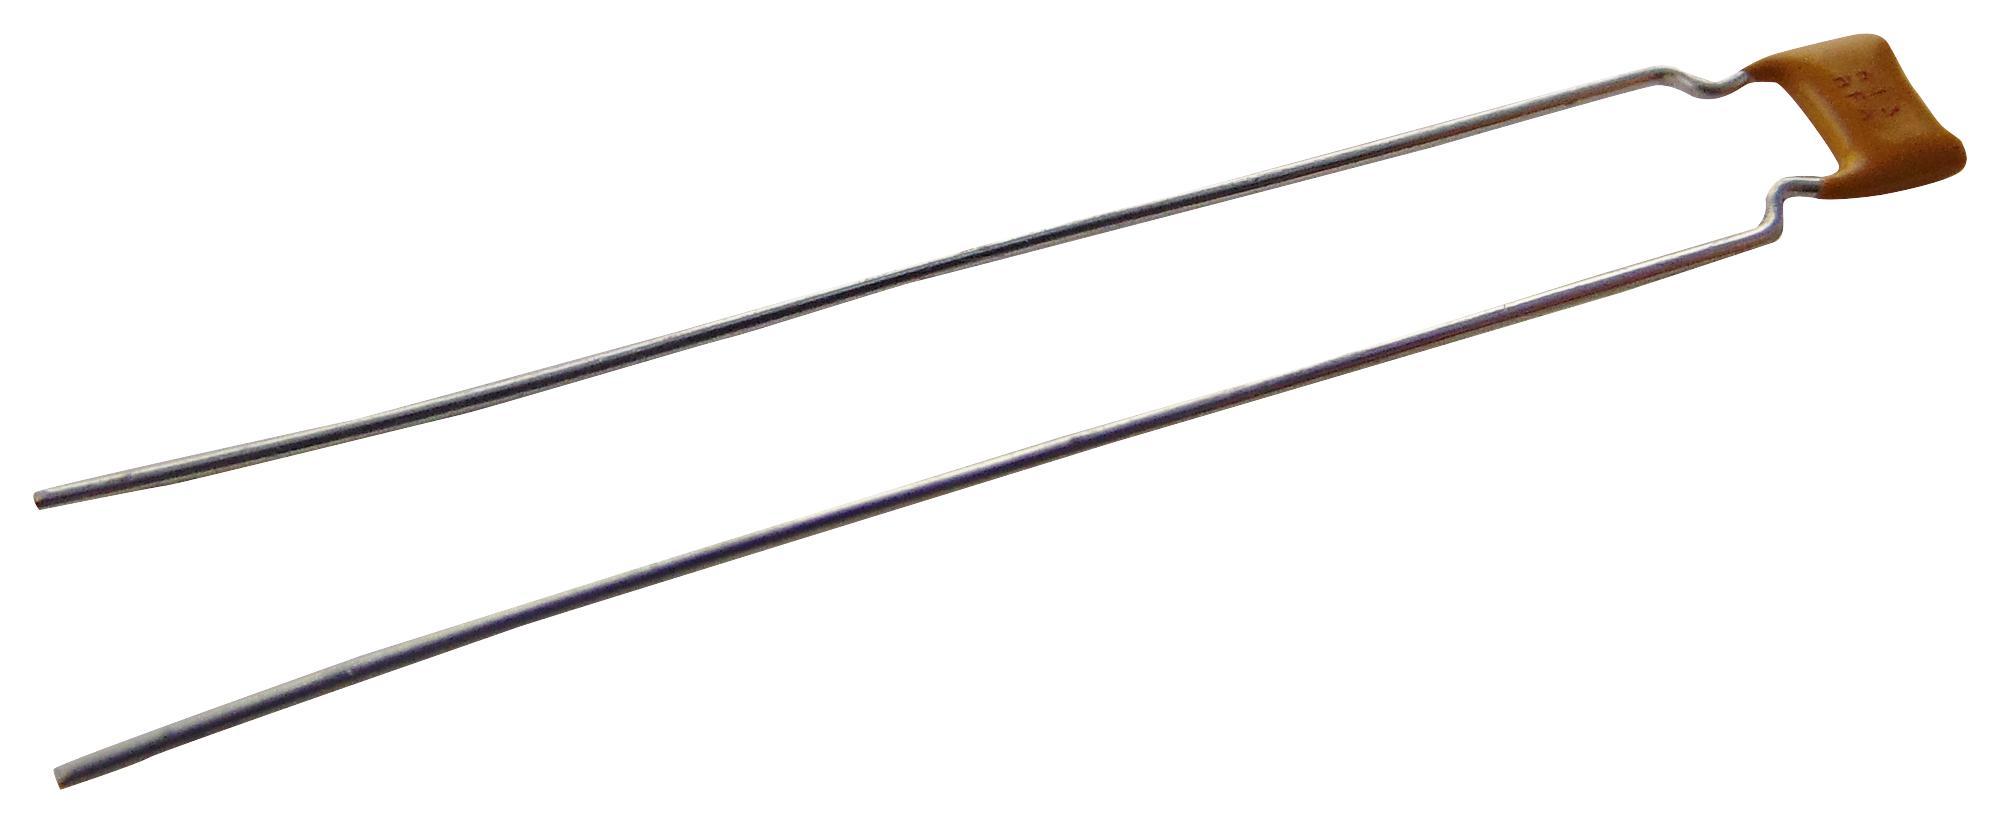 Uf Wire